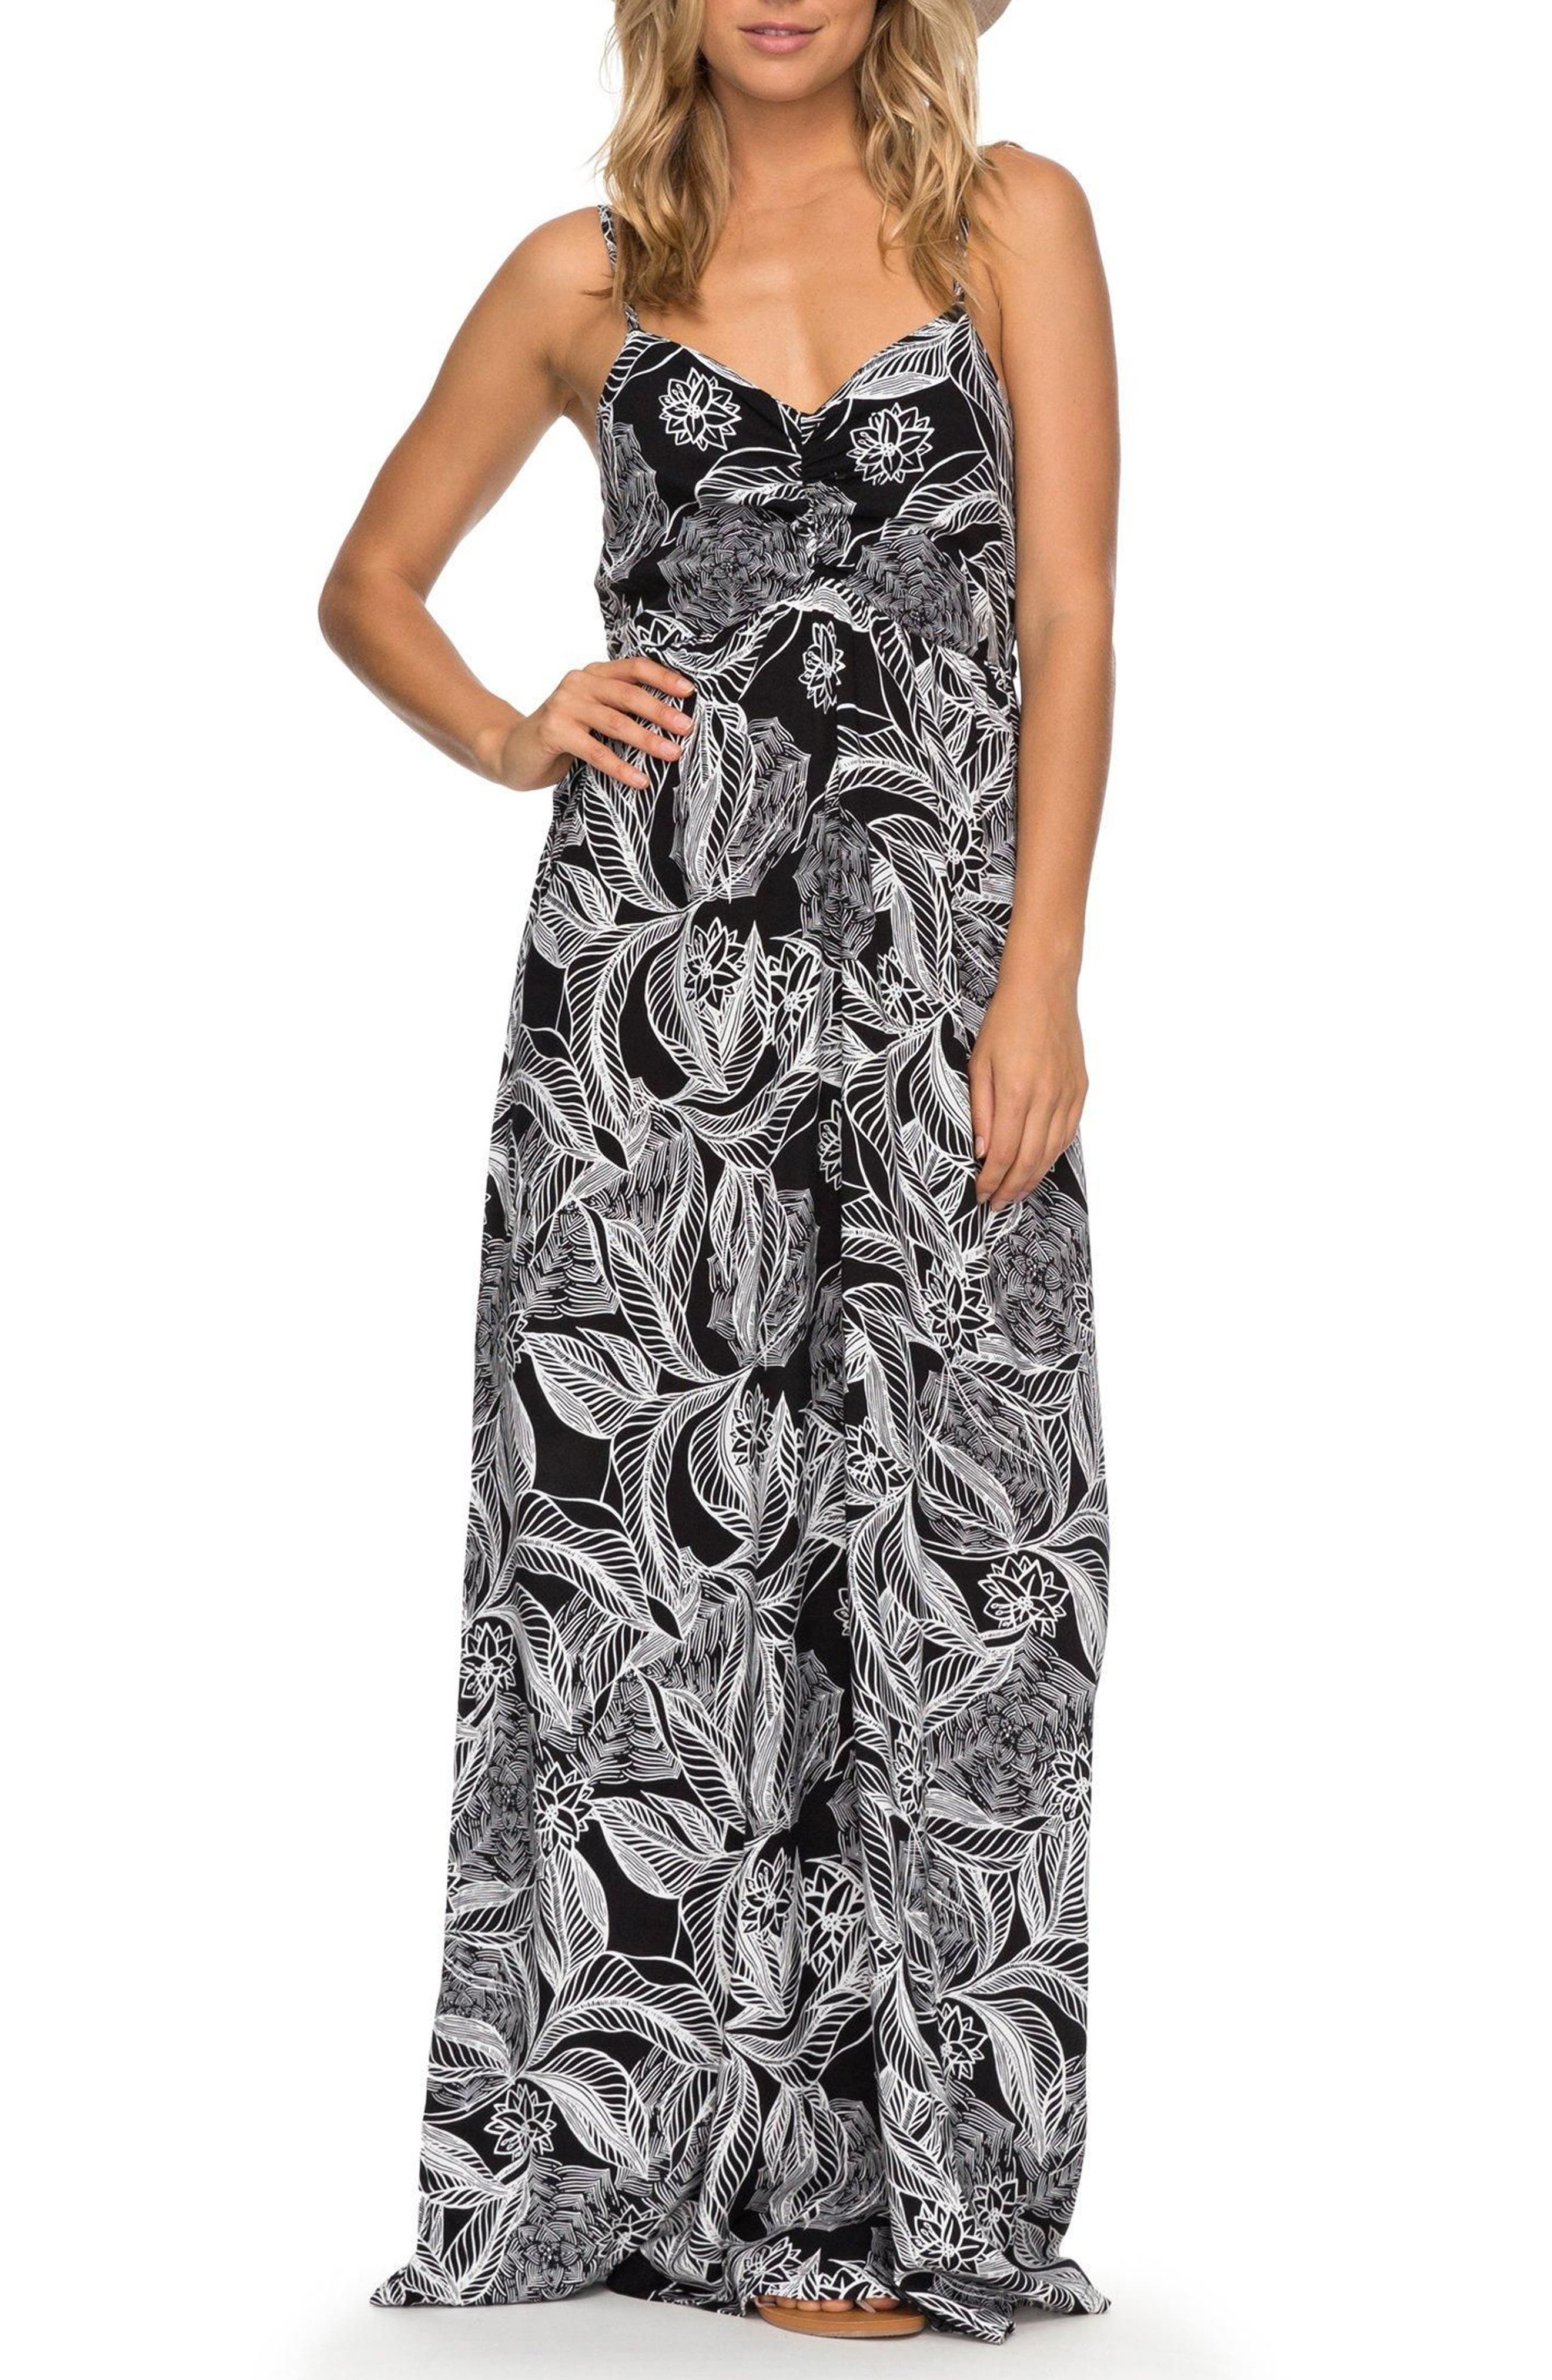 Roxy Brilliant Stars Print Maxi Dress